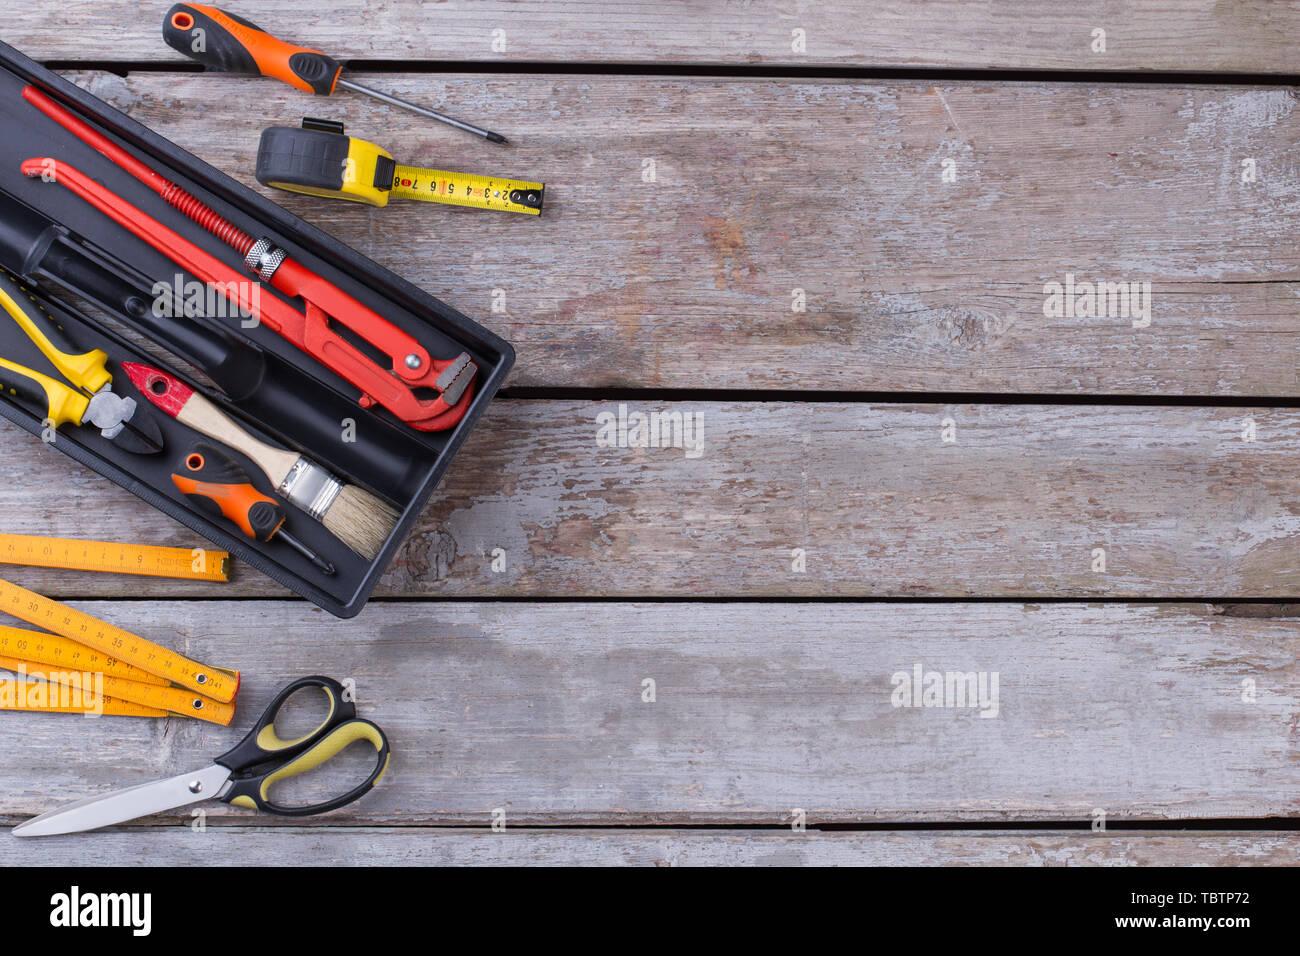 tool kit on wooden